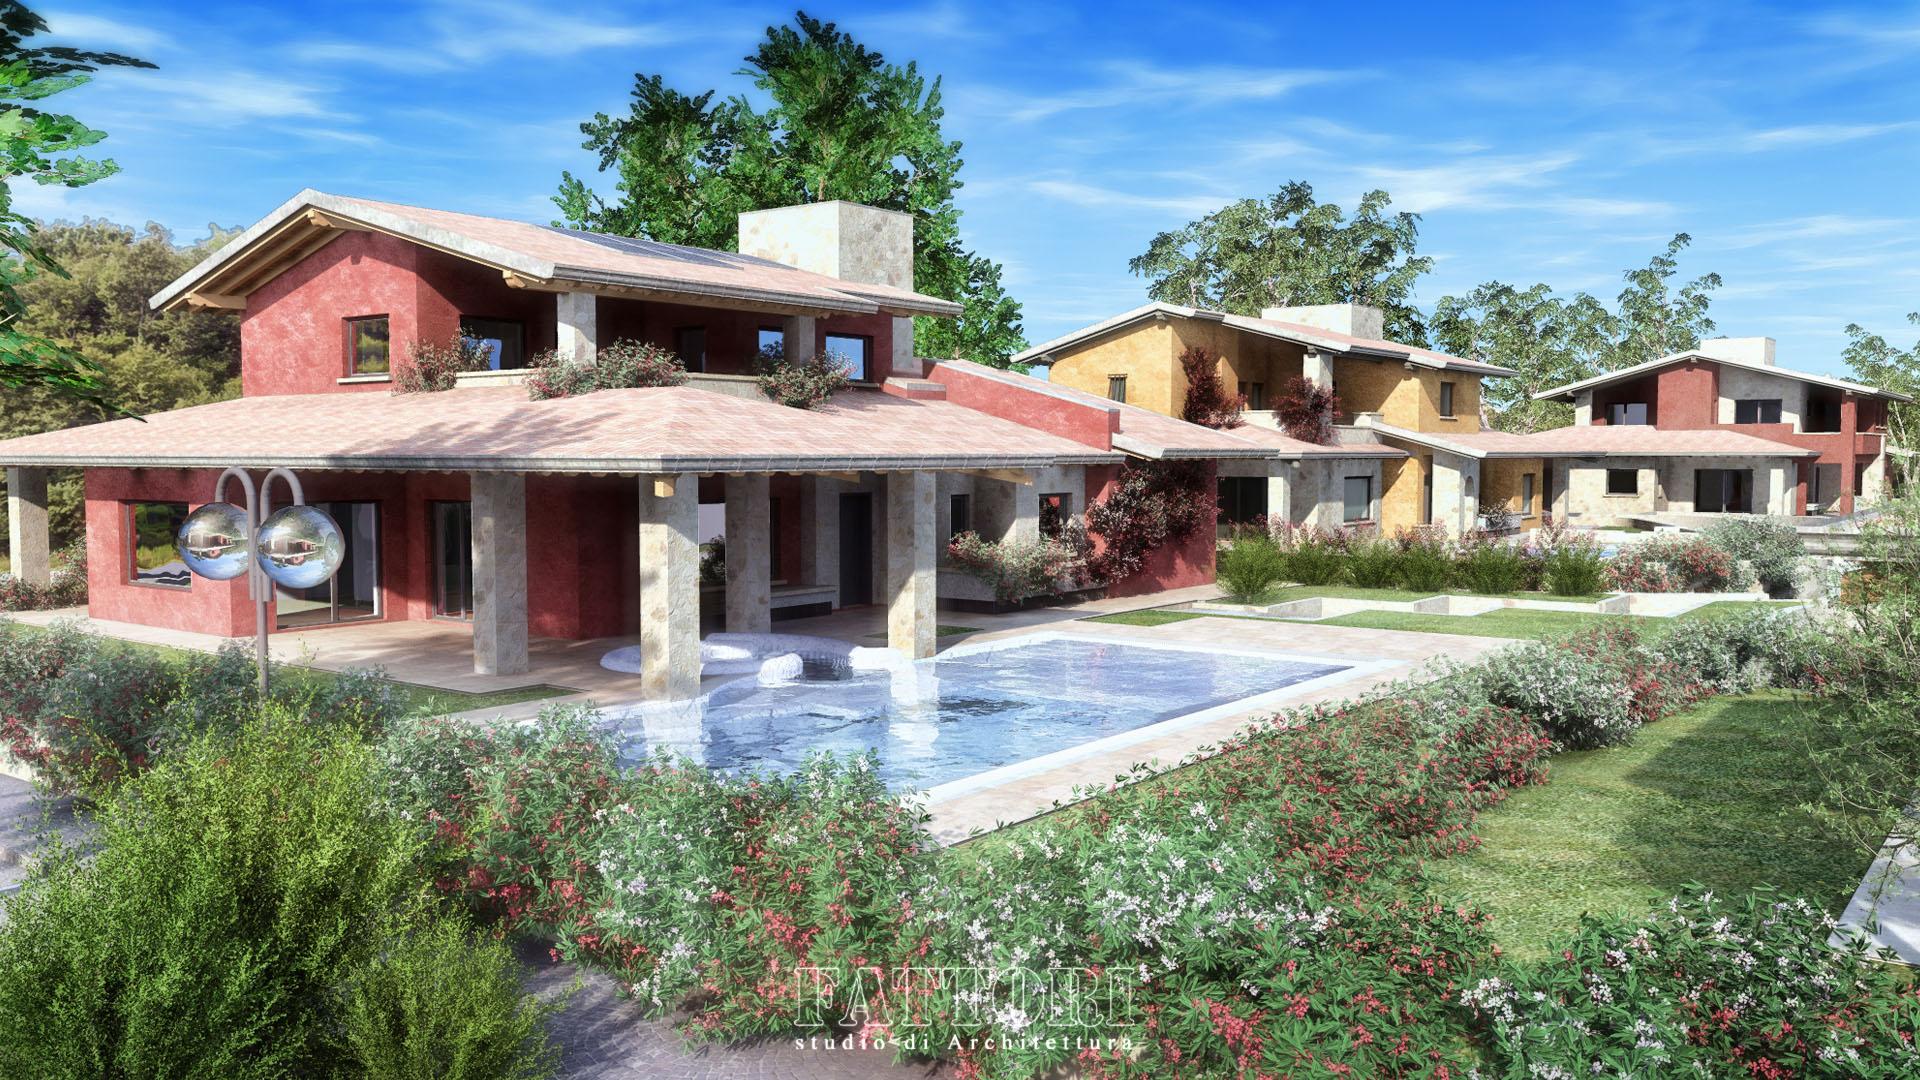 studio_di_architettura_fattori_fausto_progettazione ville case residenziali_6